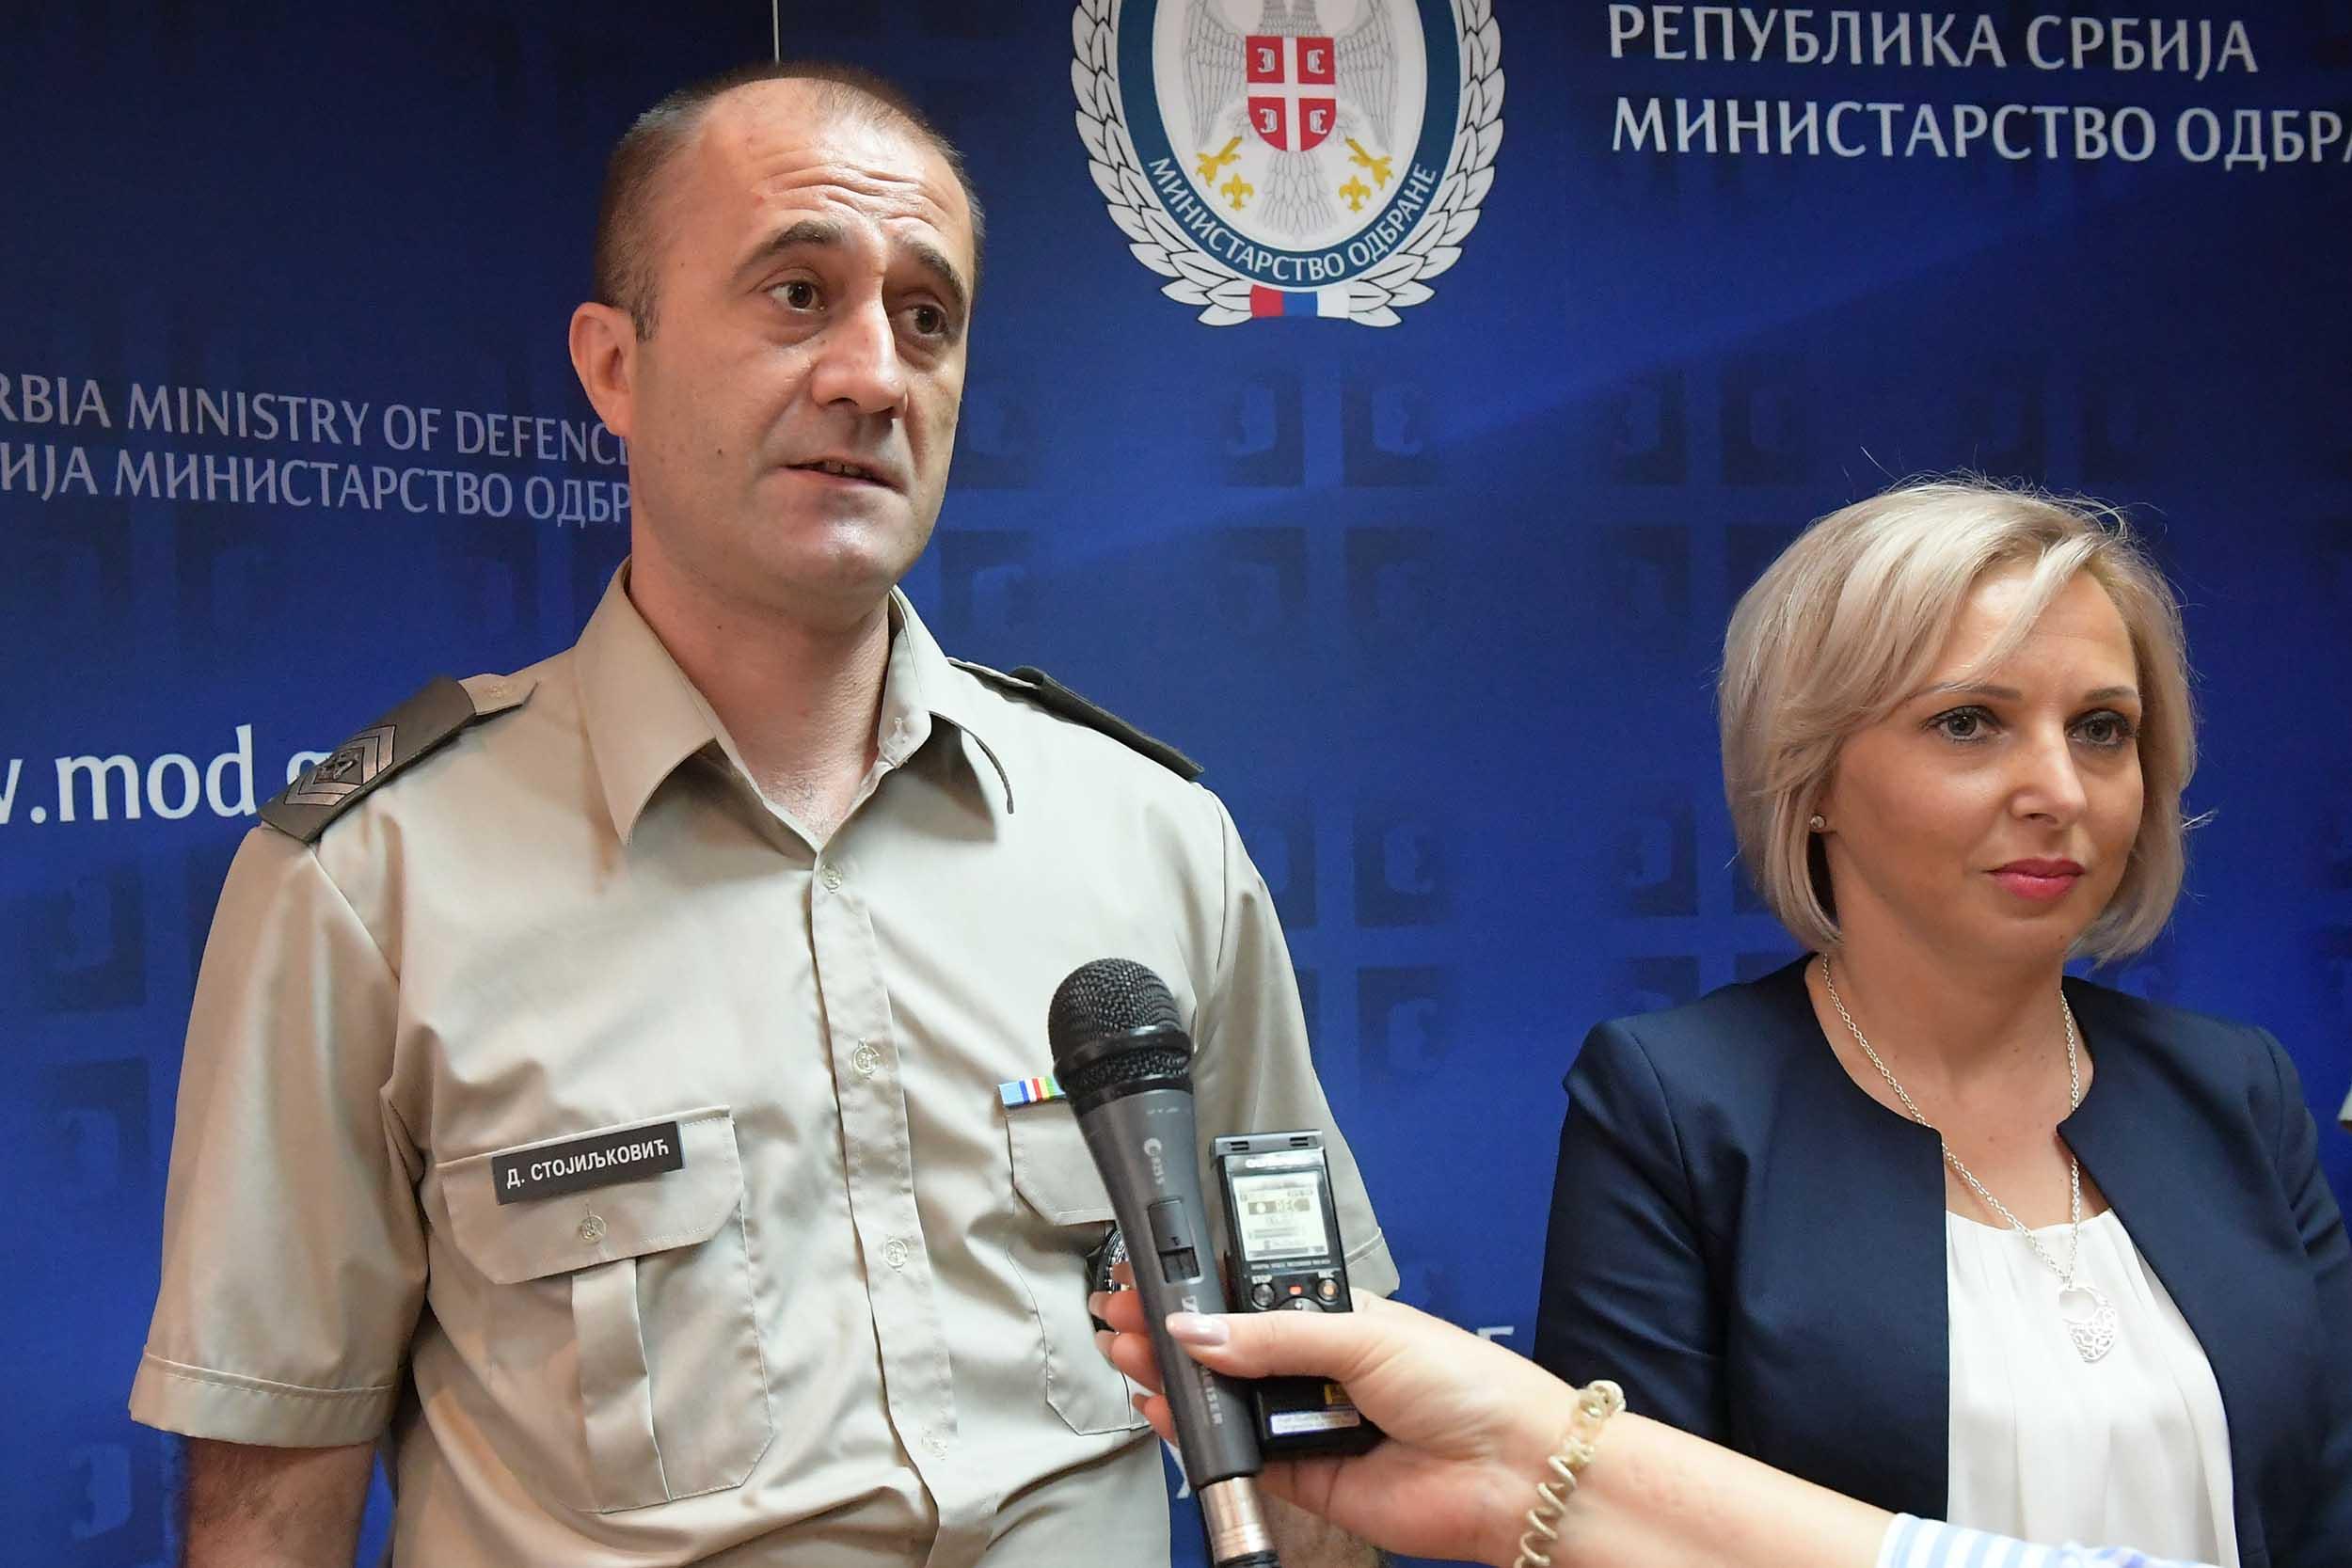 Стојиљковић Дејан и Анкa спасили живот тешко повређеном младићу у саобраћајној несрећи